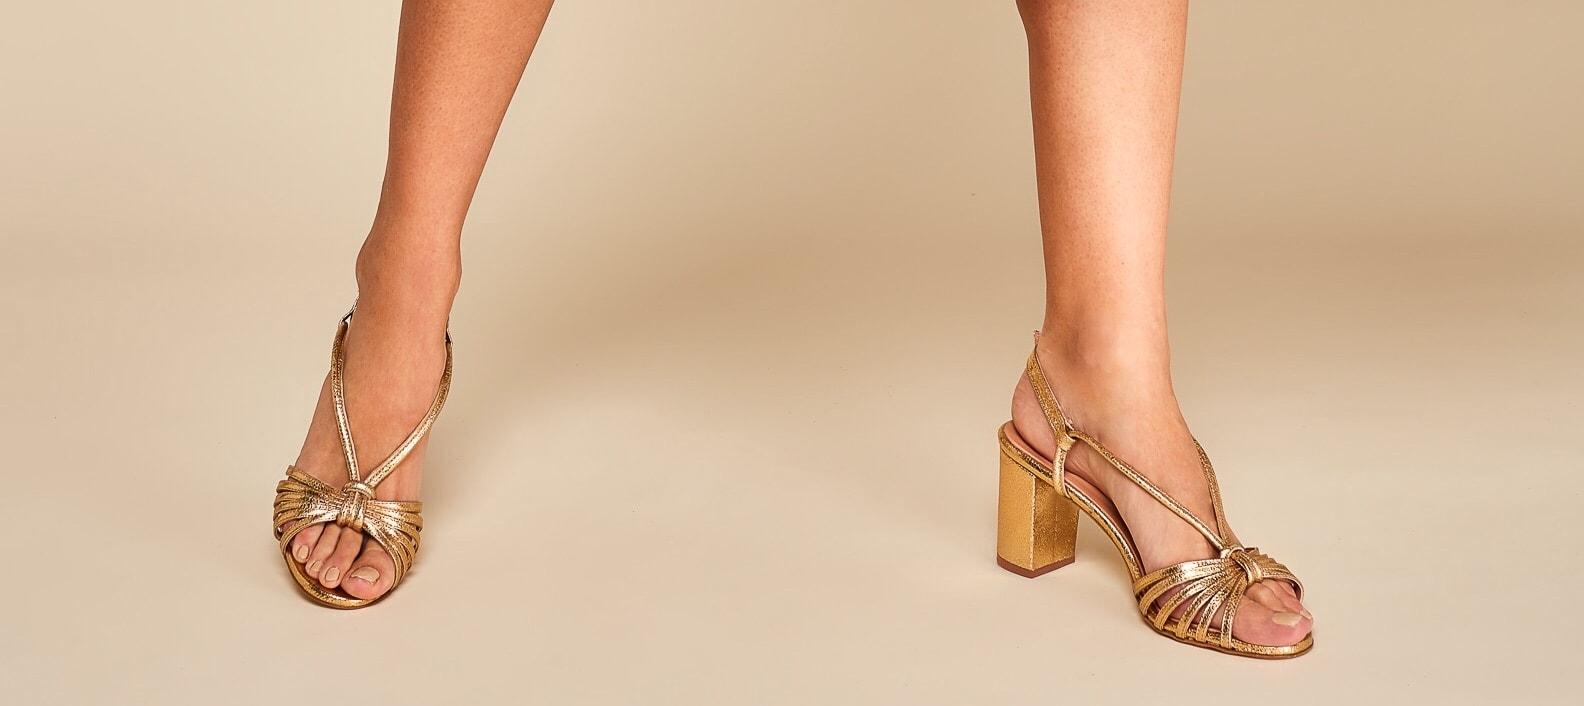 Les chaussures de mariée arrivent chez Pivoines and love ! Escarpins et sandales personnalisées faits main en France. Boutique Paris